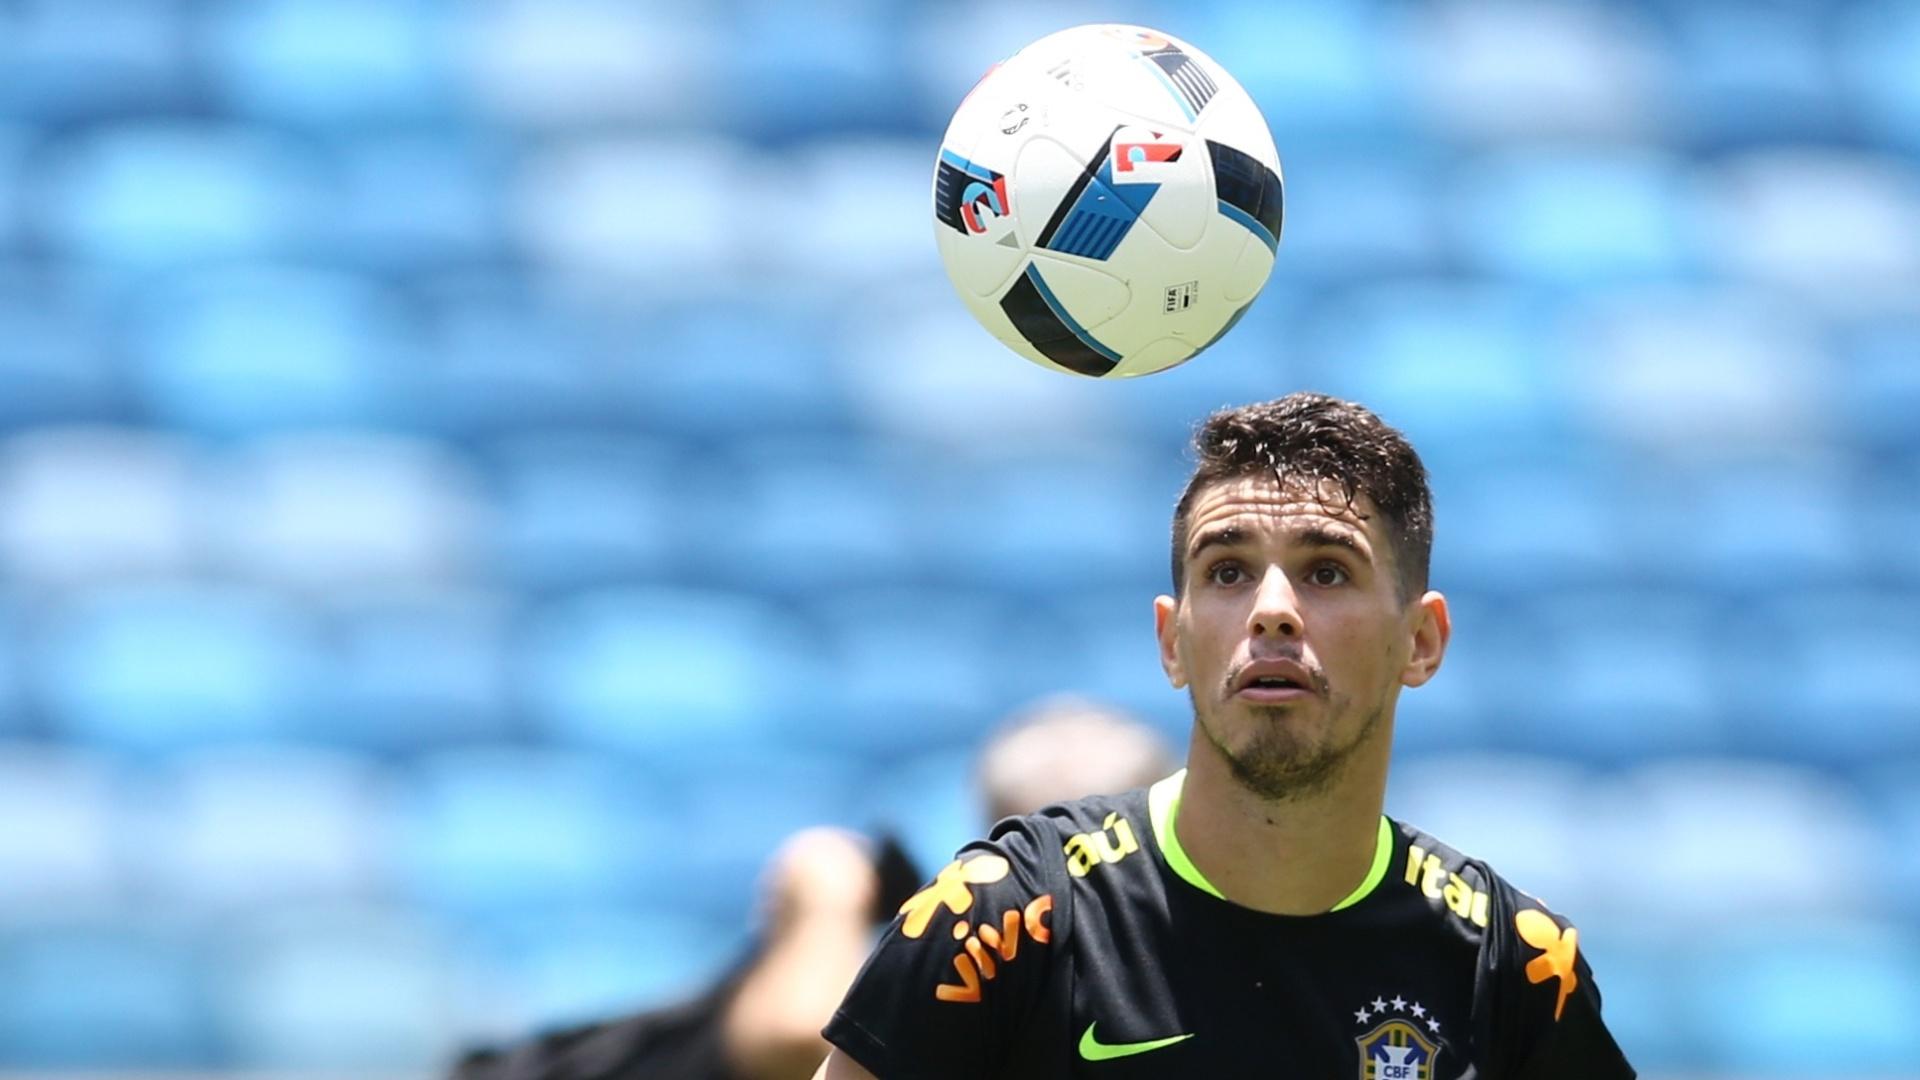 Oscar participa de treino com a seleção brasileira na Arena das Dunas, em Natal (RN)